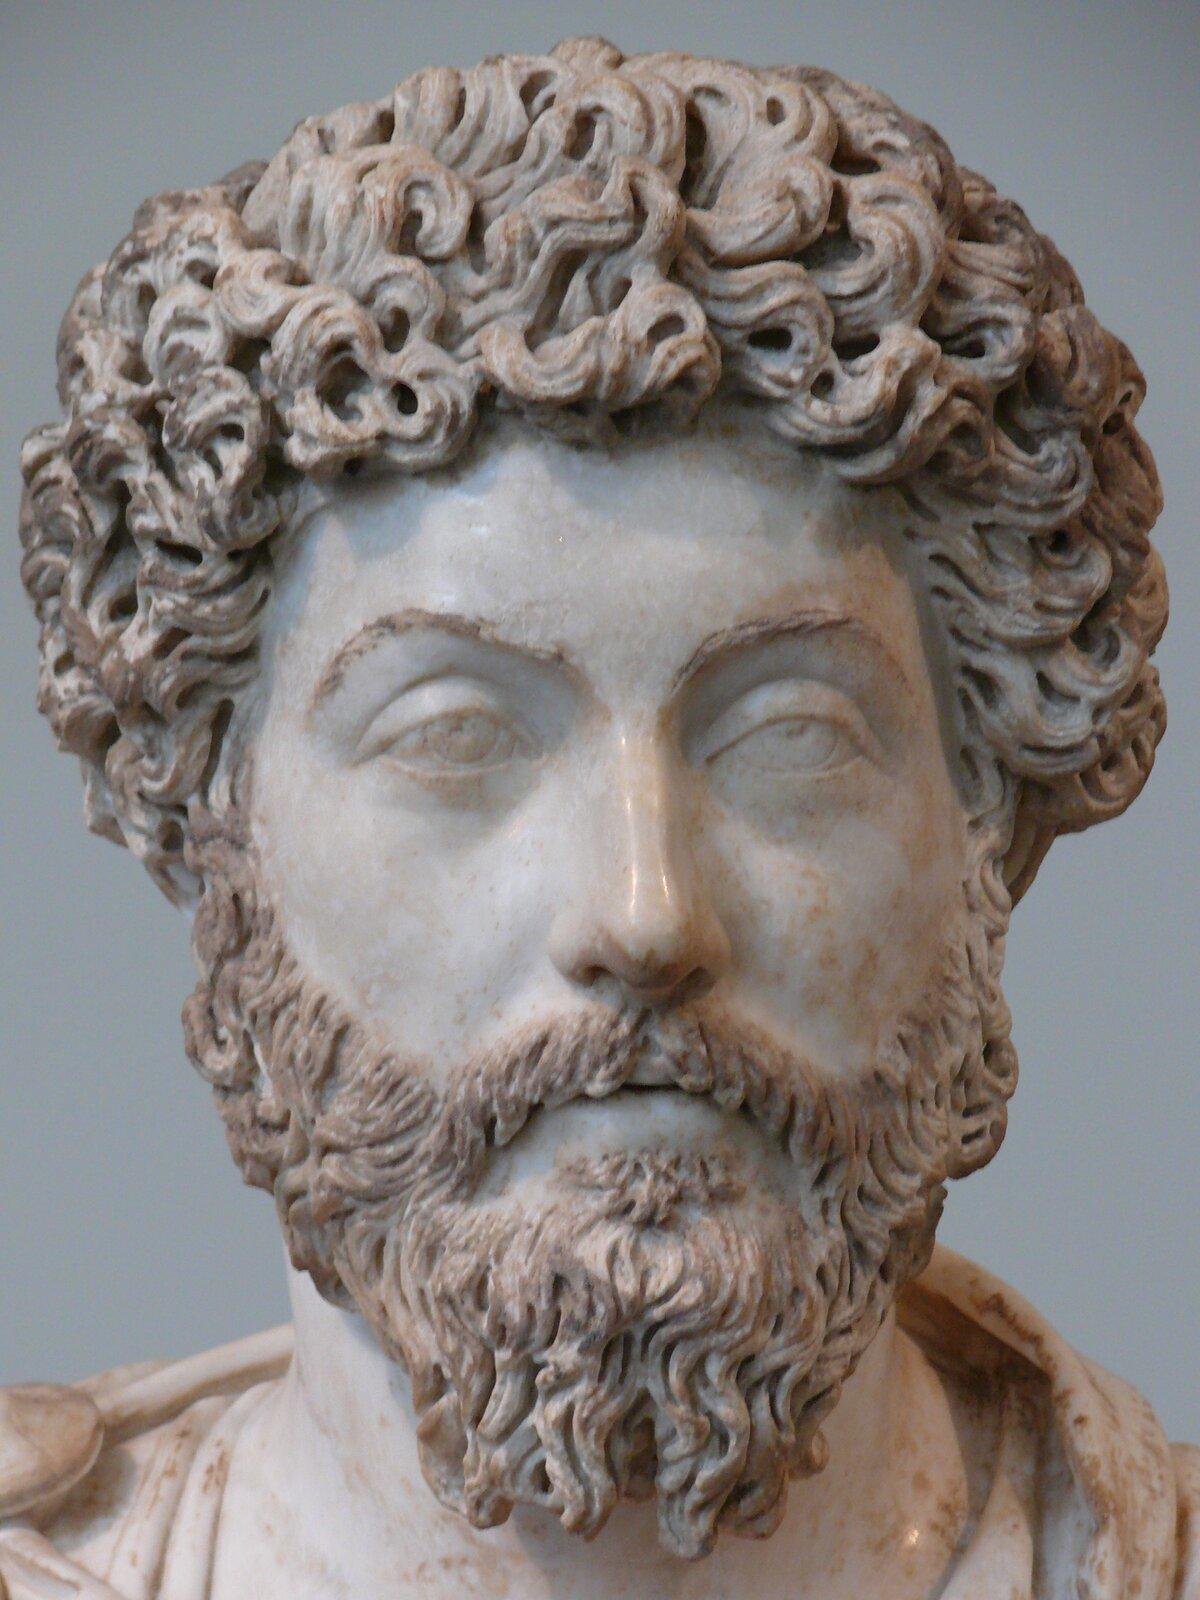 """Rzeźba nieznanego autora przedstawia popiersie """"Marka Aureliusza"""", która została wykonana zjasnego materiału, na którym widoczne są różnej wielkości odbarwienia. Marek Aureliusz został przedstawiony jako mężczyzna wśrednim wieku, ośredniej długości kręconych włosach iśredniej długości zaroście. Twarz mężczyzny pozbawiona jest zmarszczek."""